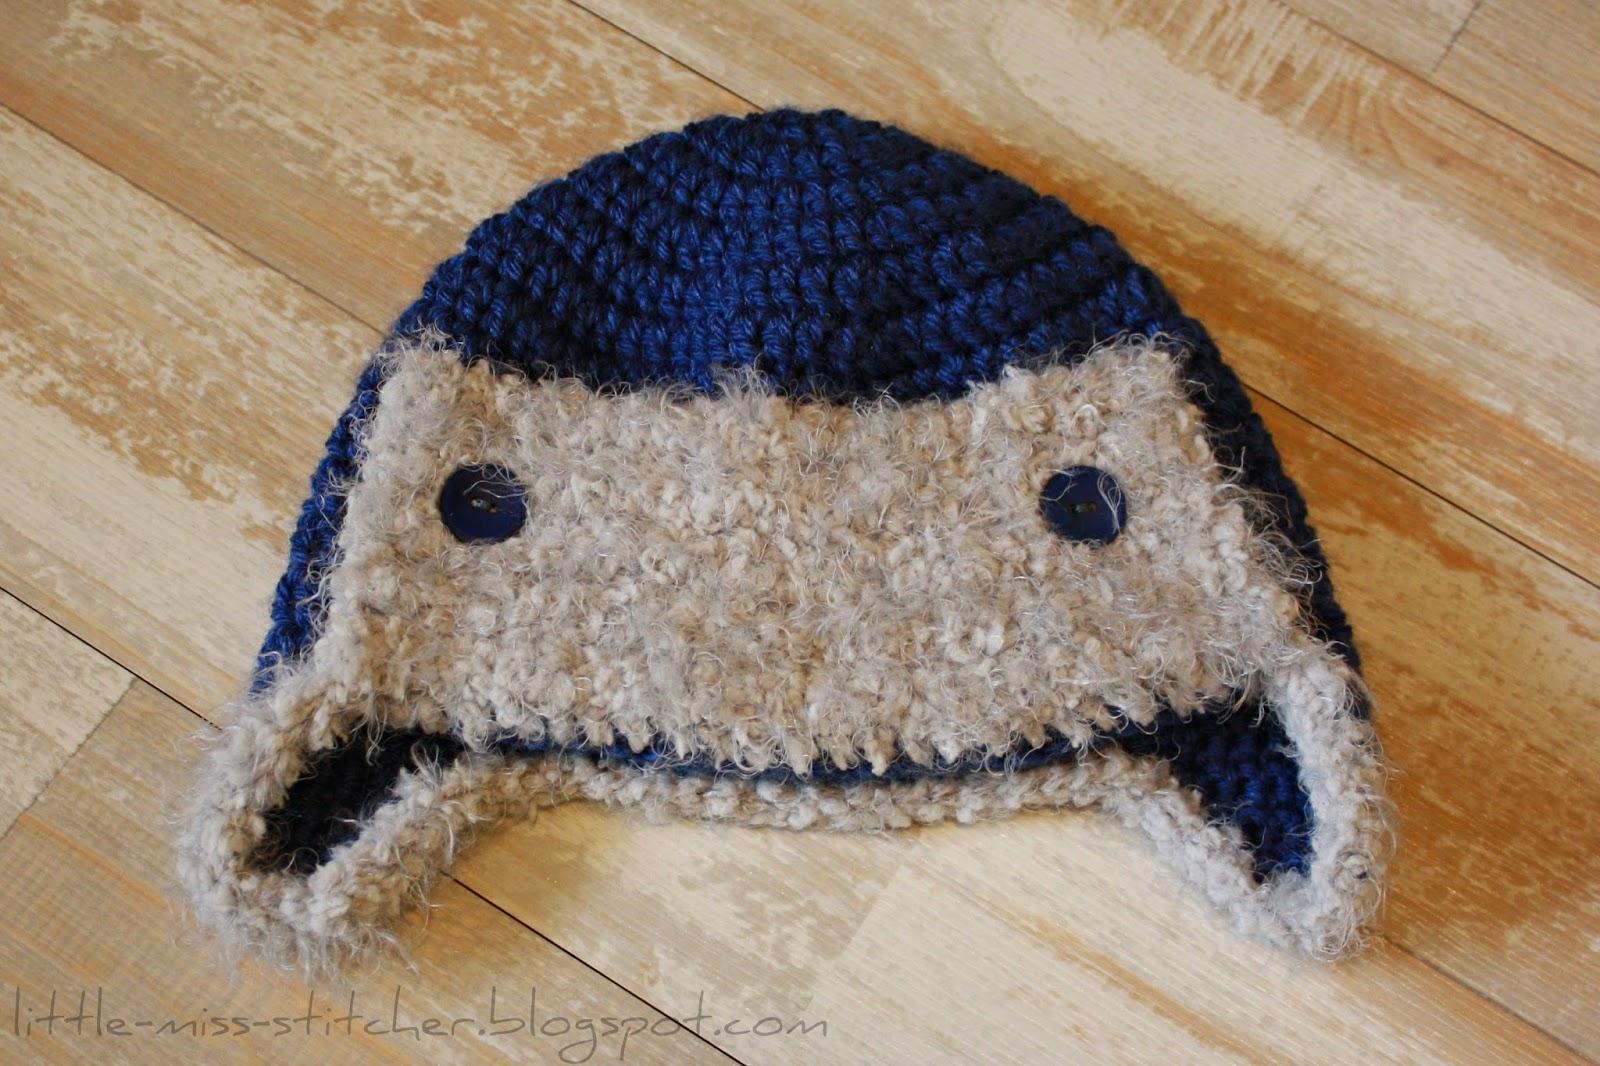 http://little-miss-stitcher.blogspot.com/2013/11/crochet-toddler-aviator-hat.html